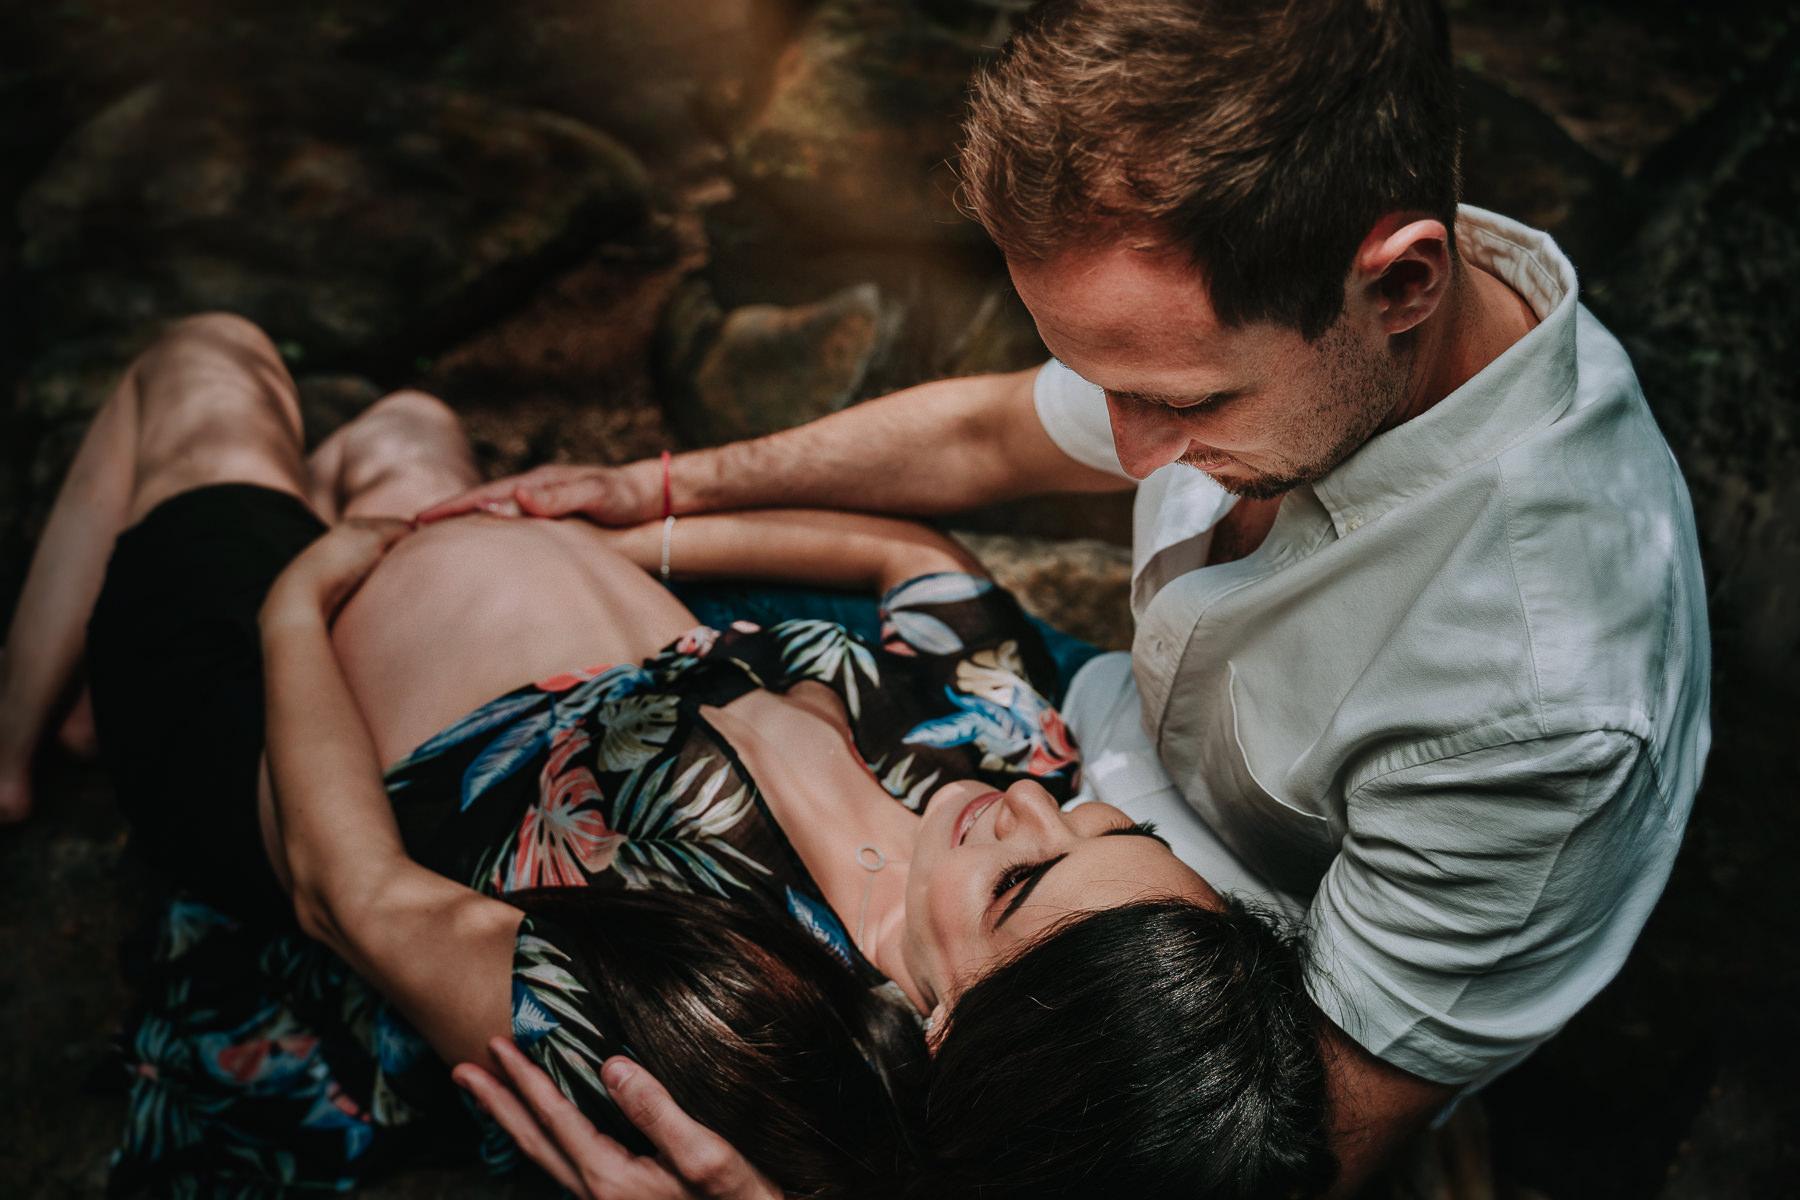 fotografo-de-embarazo-y-amor-alan-robles-guadalajara-9